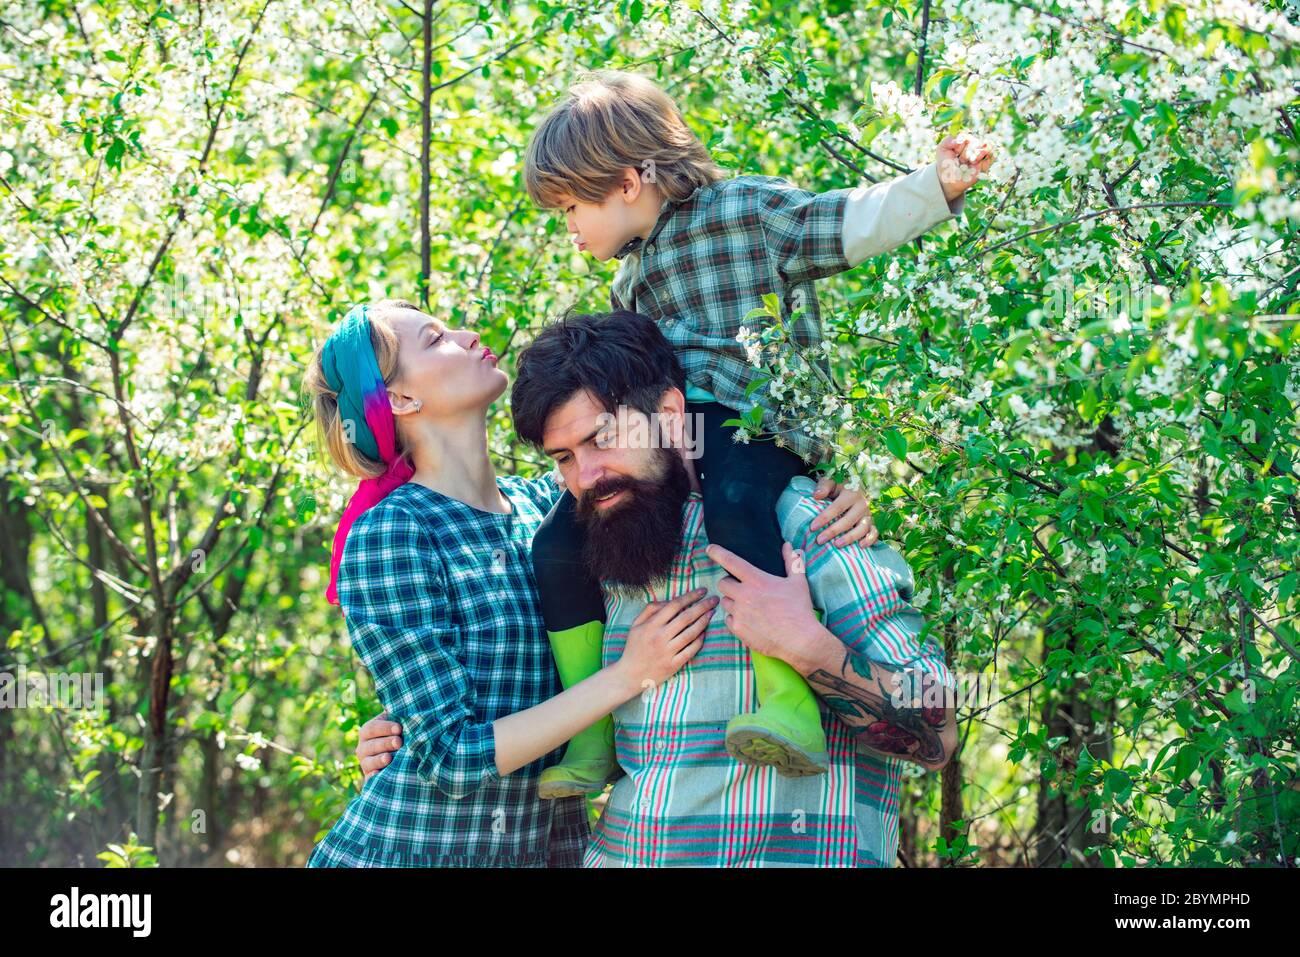 Familia caminando juntos por el campo de flores de primavera. Familia feliz pasando tiempo juntos en el jardín. Familia caminando en el campo agrícola. Foto de stock